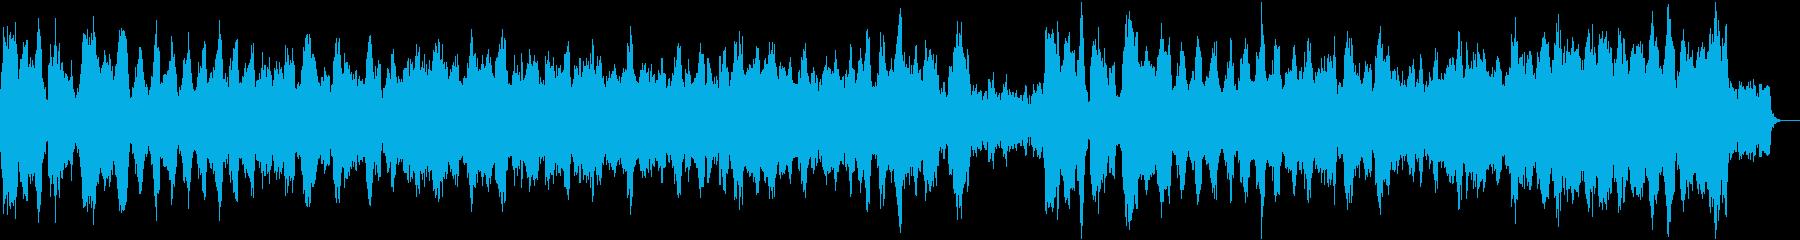 チャイコフスキー四季より10月秋の歌の再生済みの波形